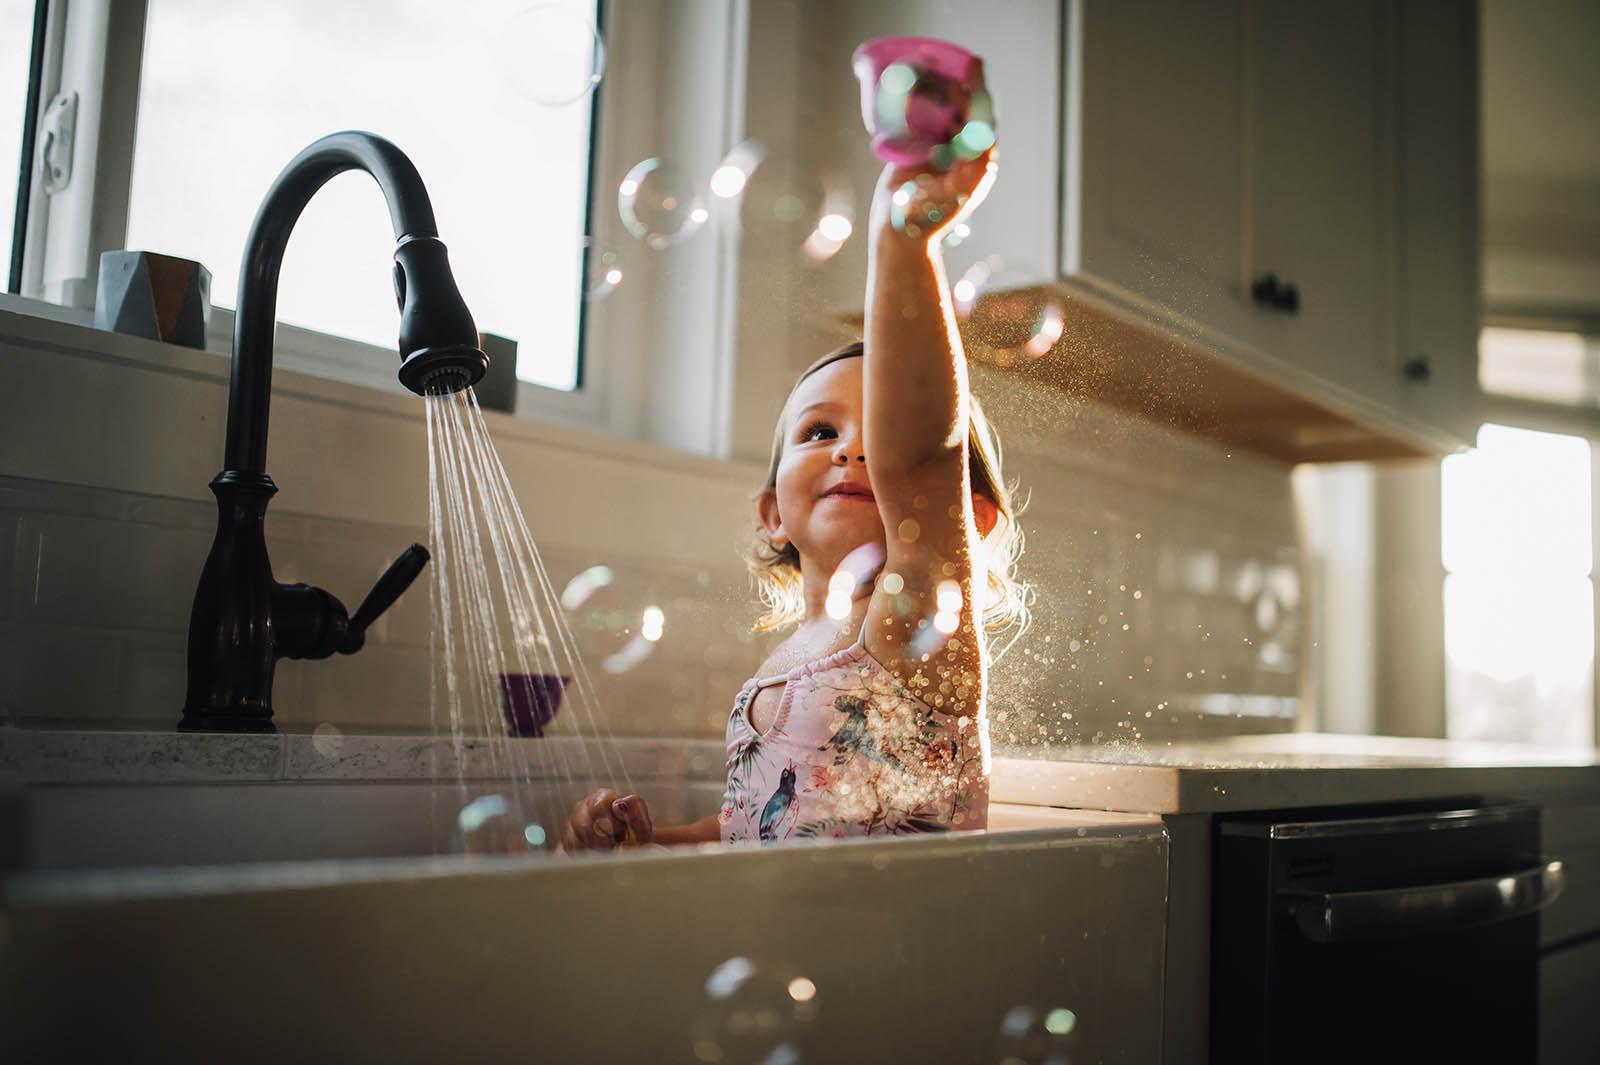 Girl plays bubbles in the sink near window light